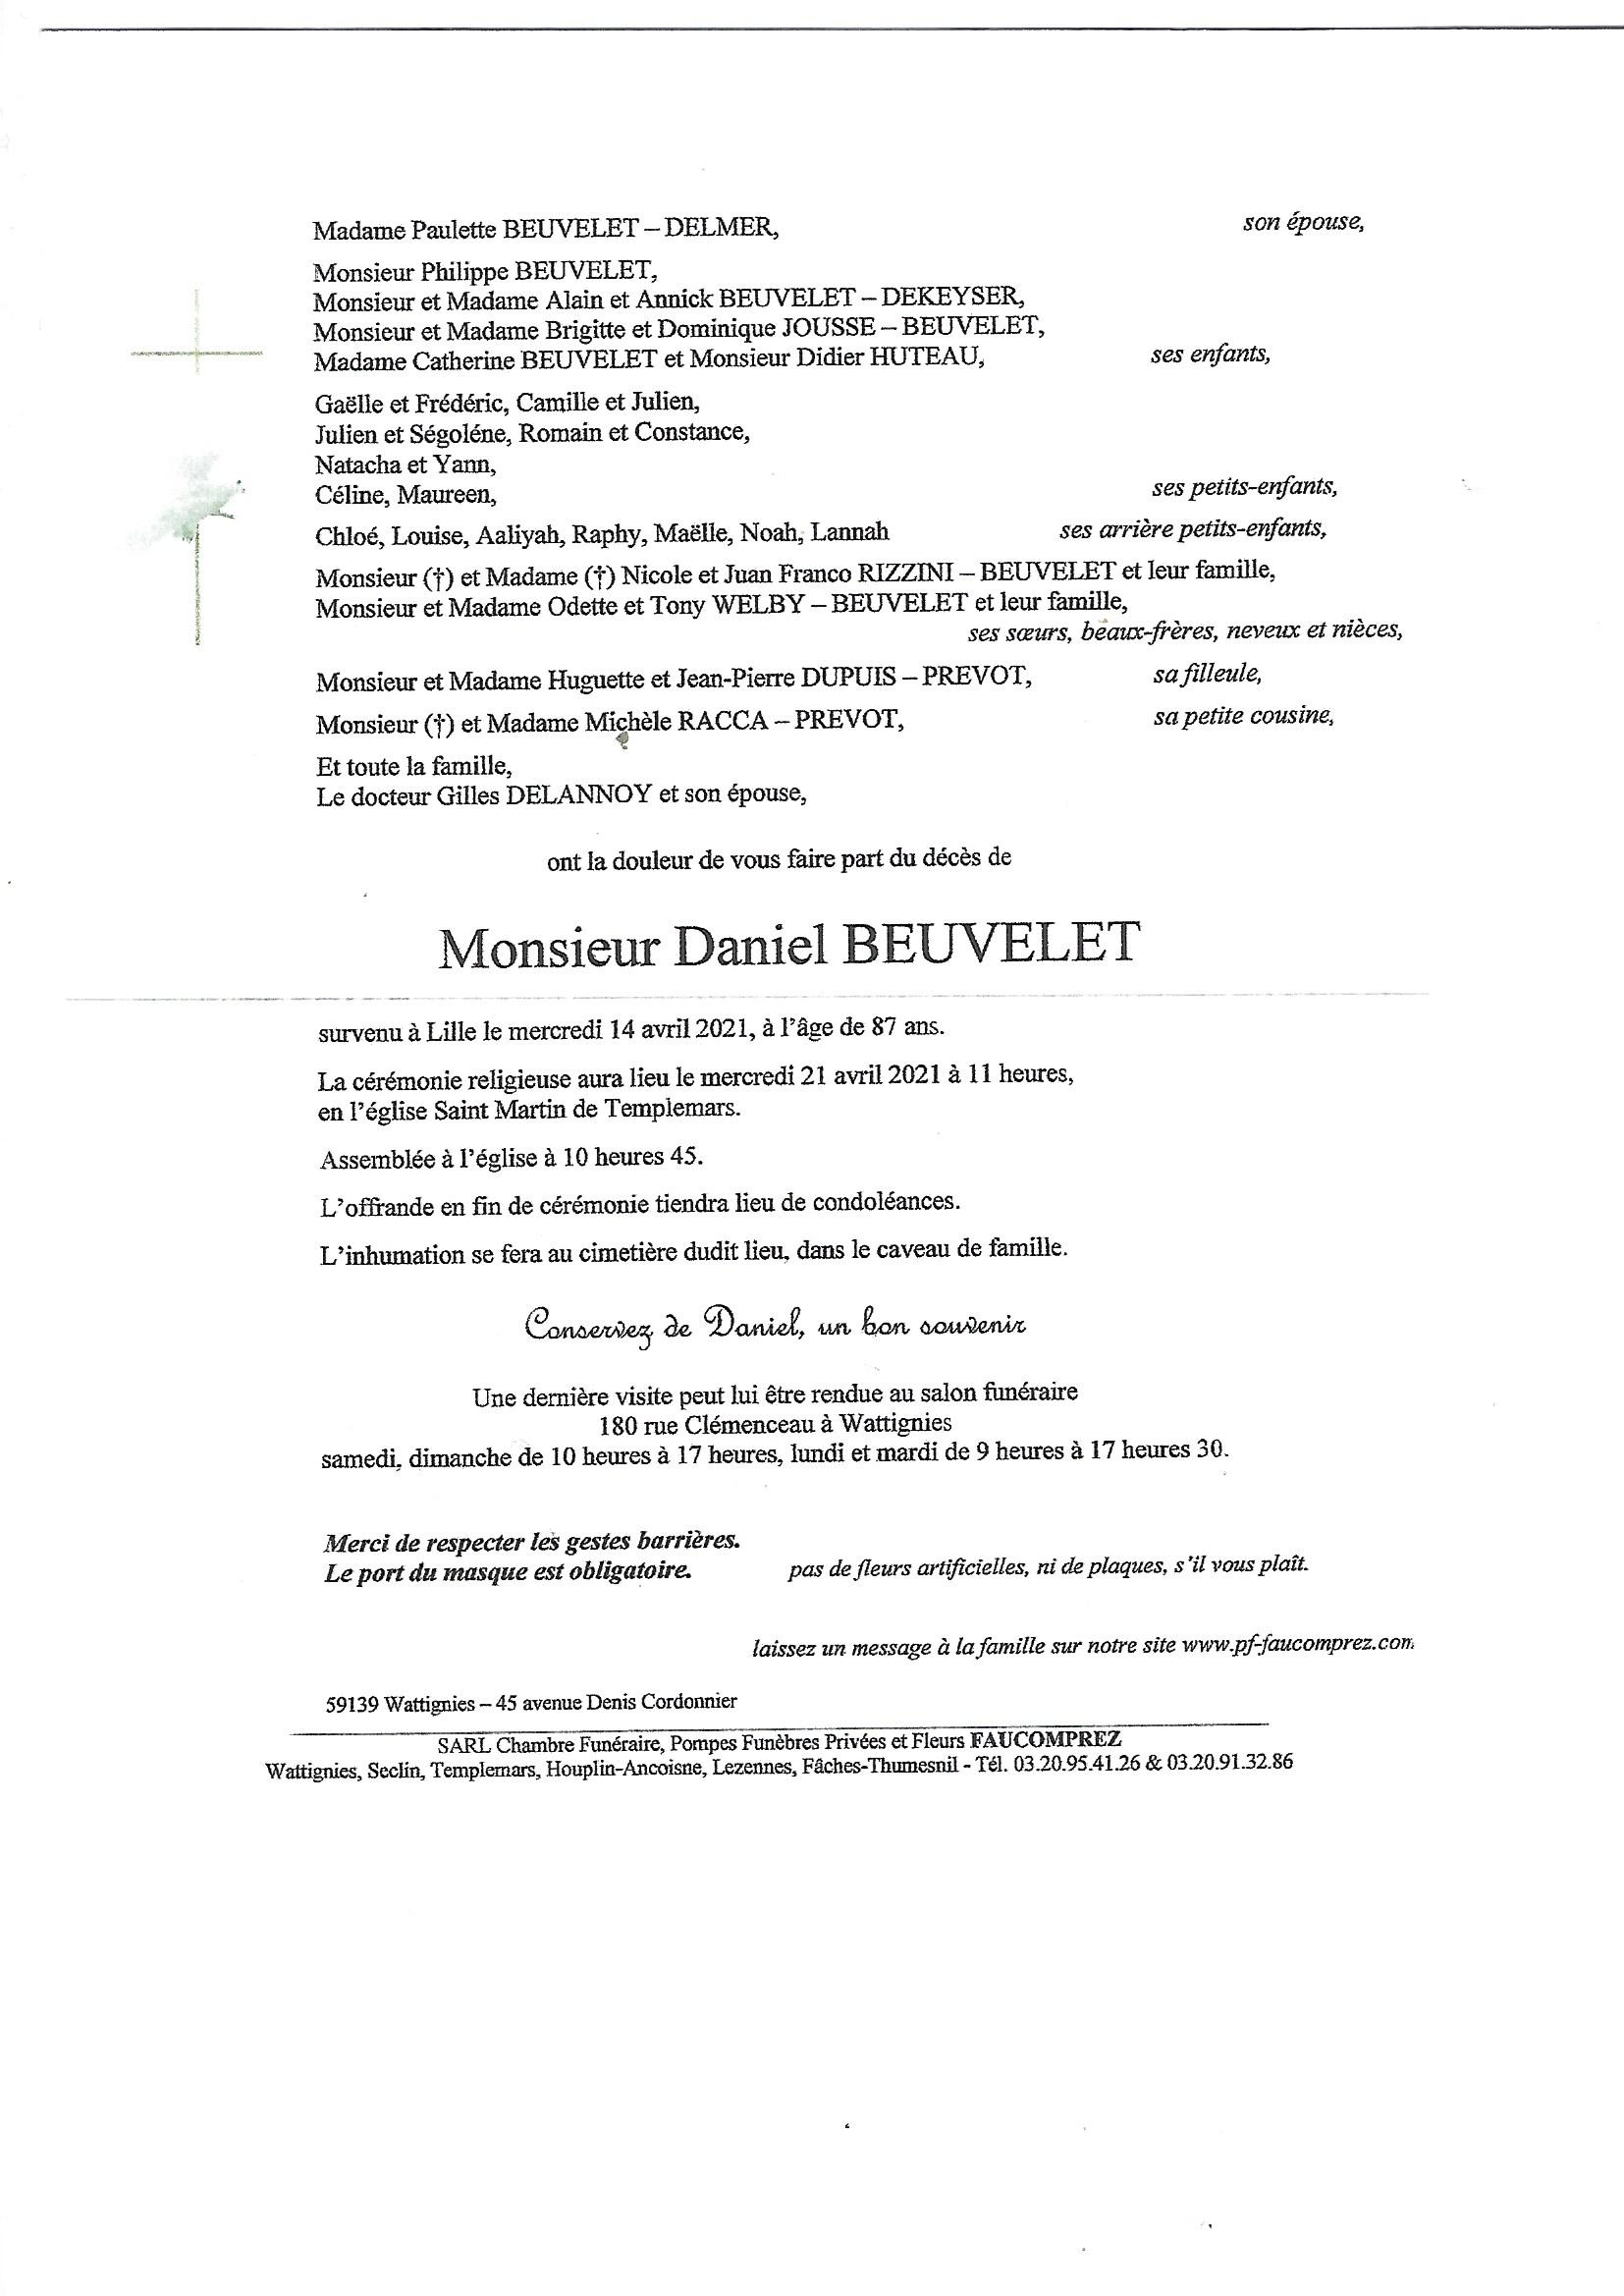 Faire-part D.Beuvelet (1)